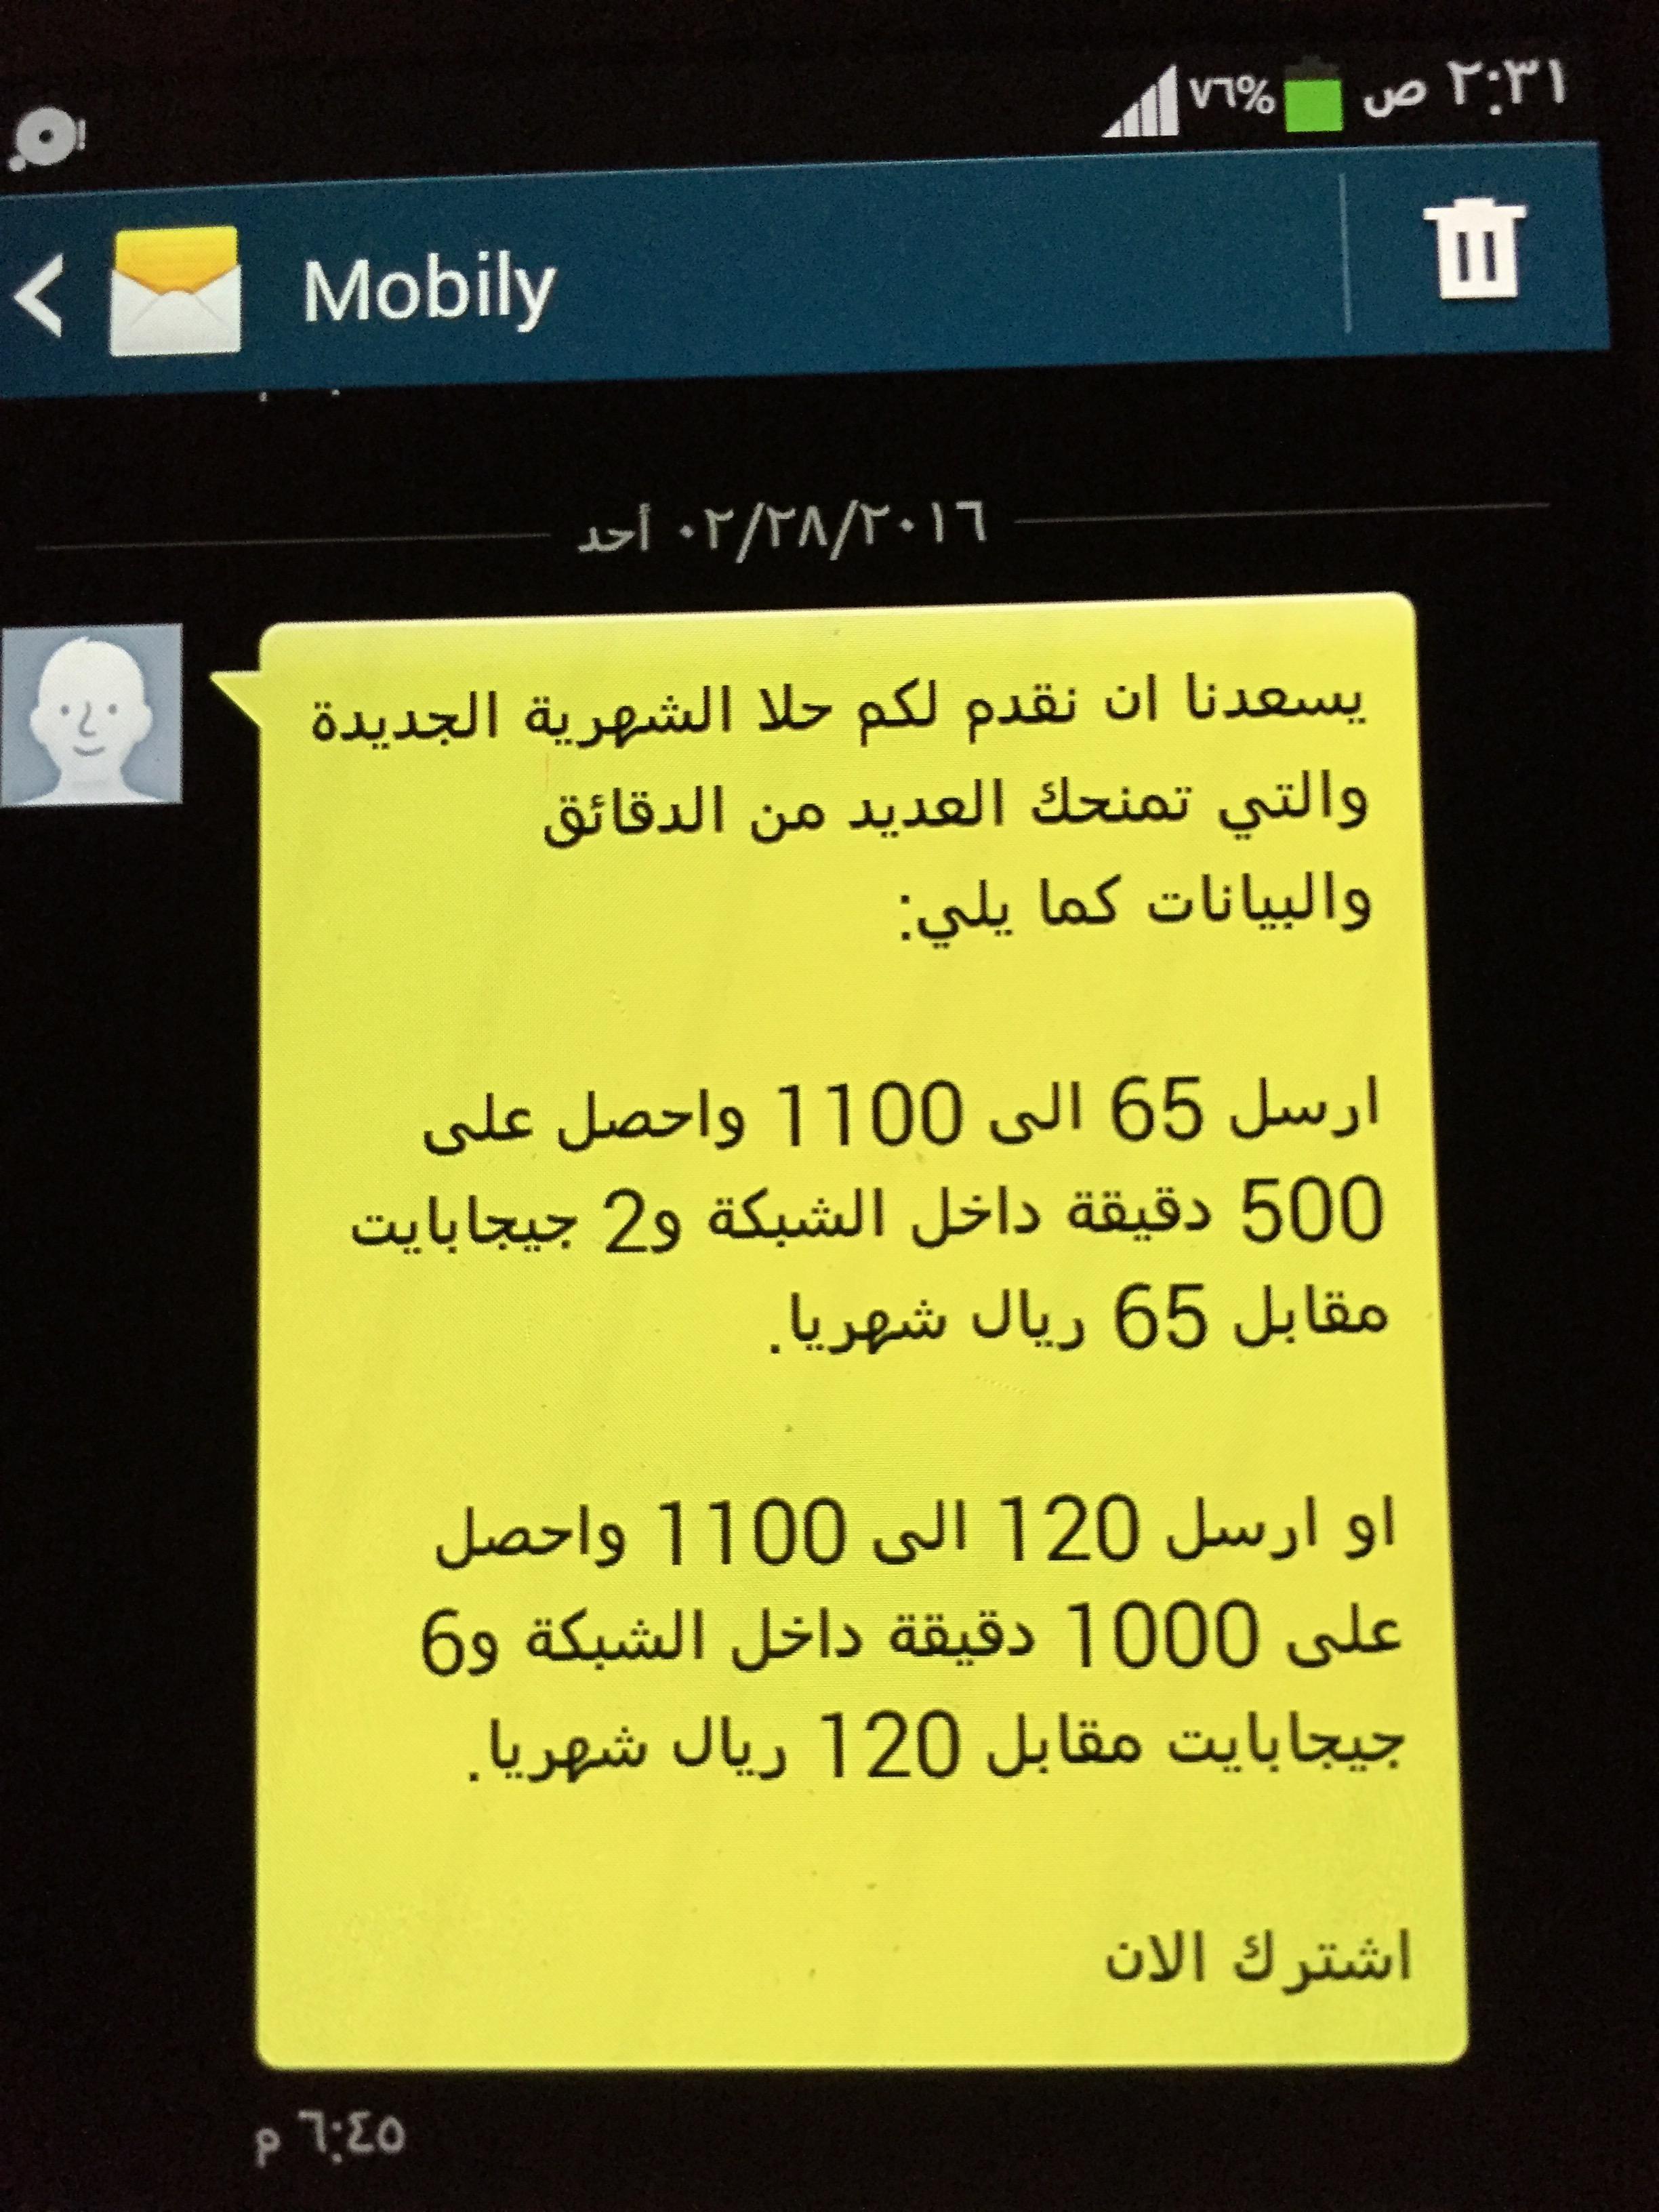 صورة رسائل موبايلي , بعض الرسائل التي تاتي على هاتفي